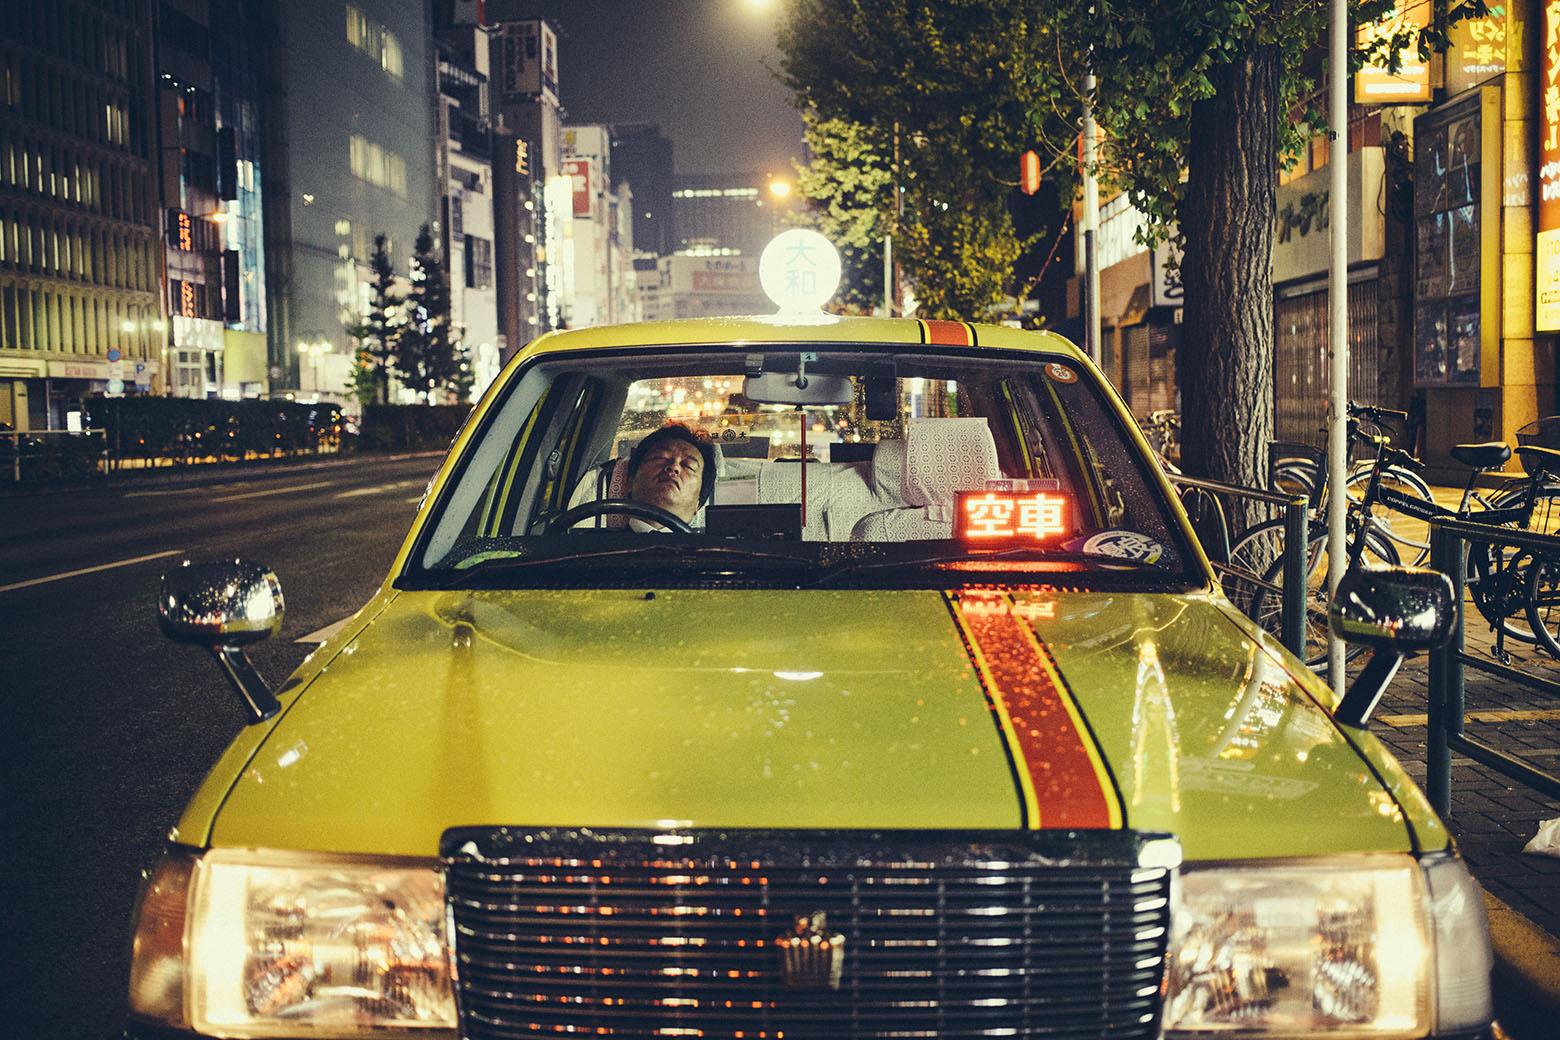 Sleeping taxi driver. Shinjuki, Tokyo. November 2014.